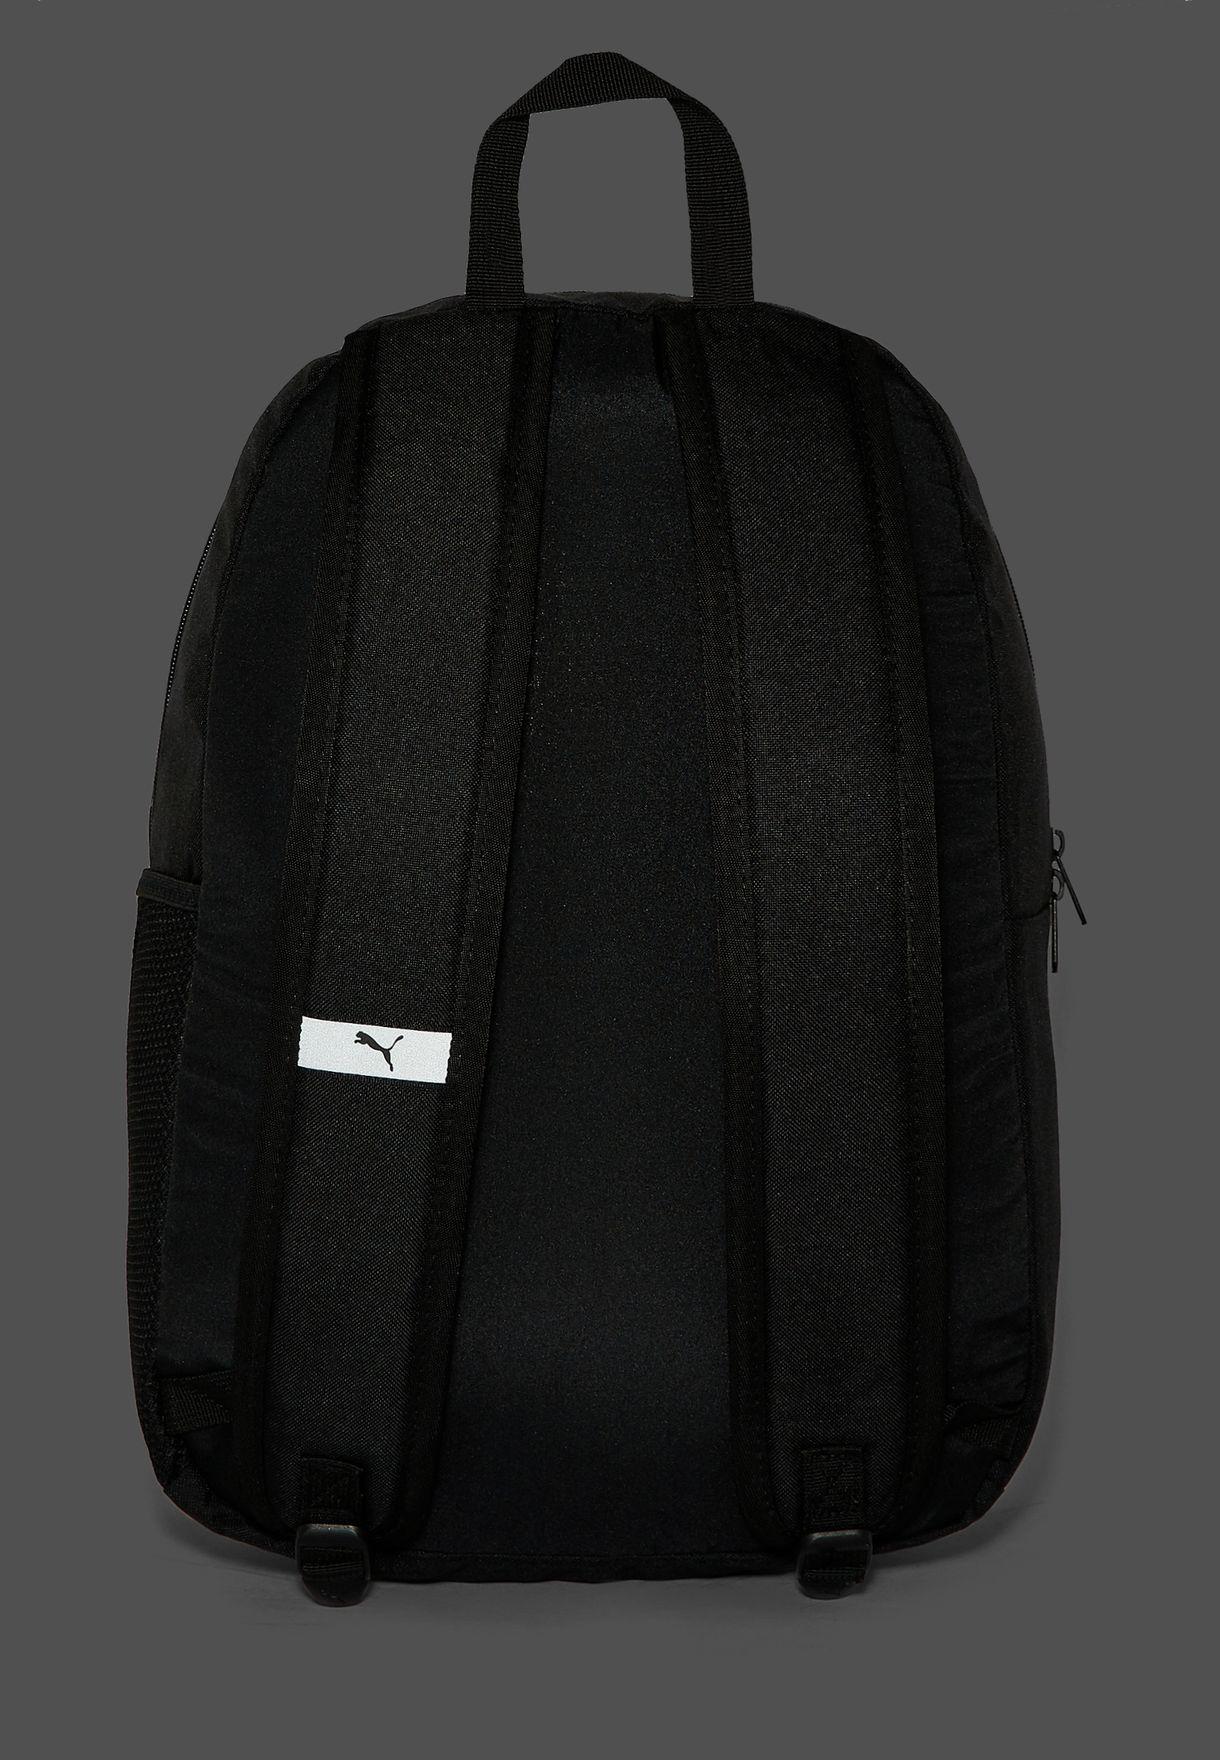 teamGOAL 23 Core Backpack